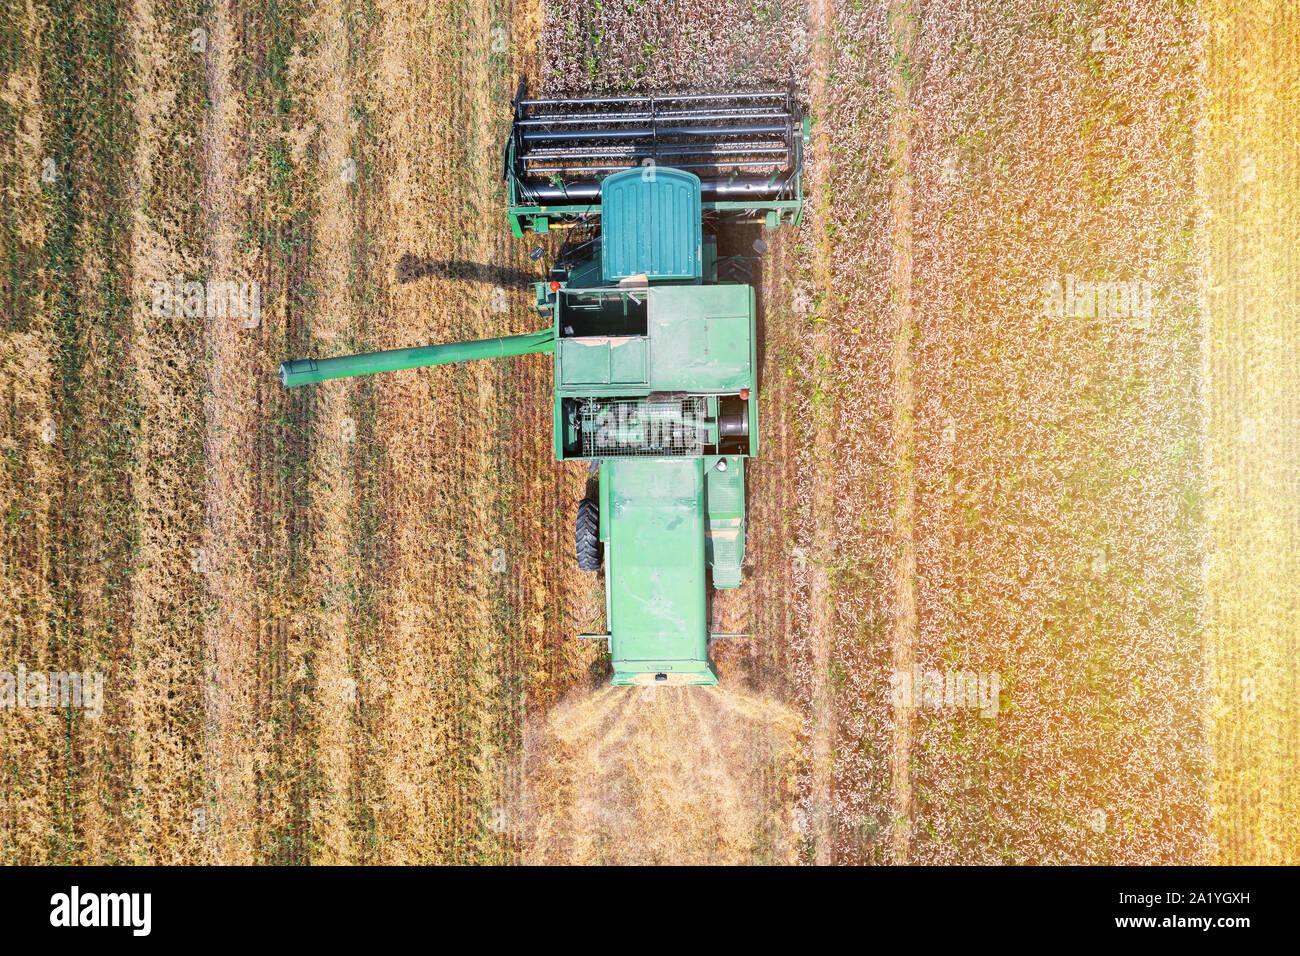 La récolteuse sur le champ de blé de la vue supérieure Banque D'Images